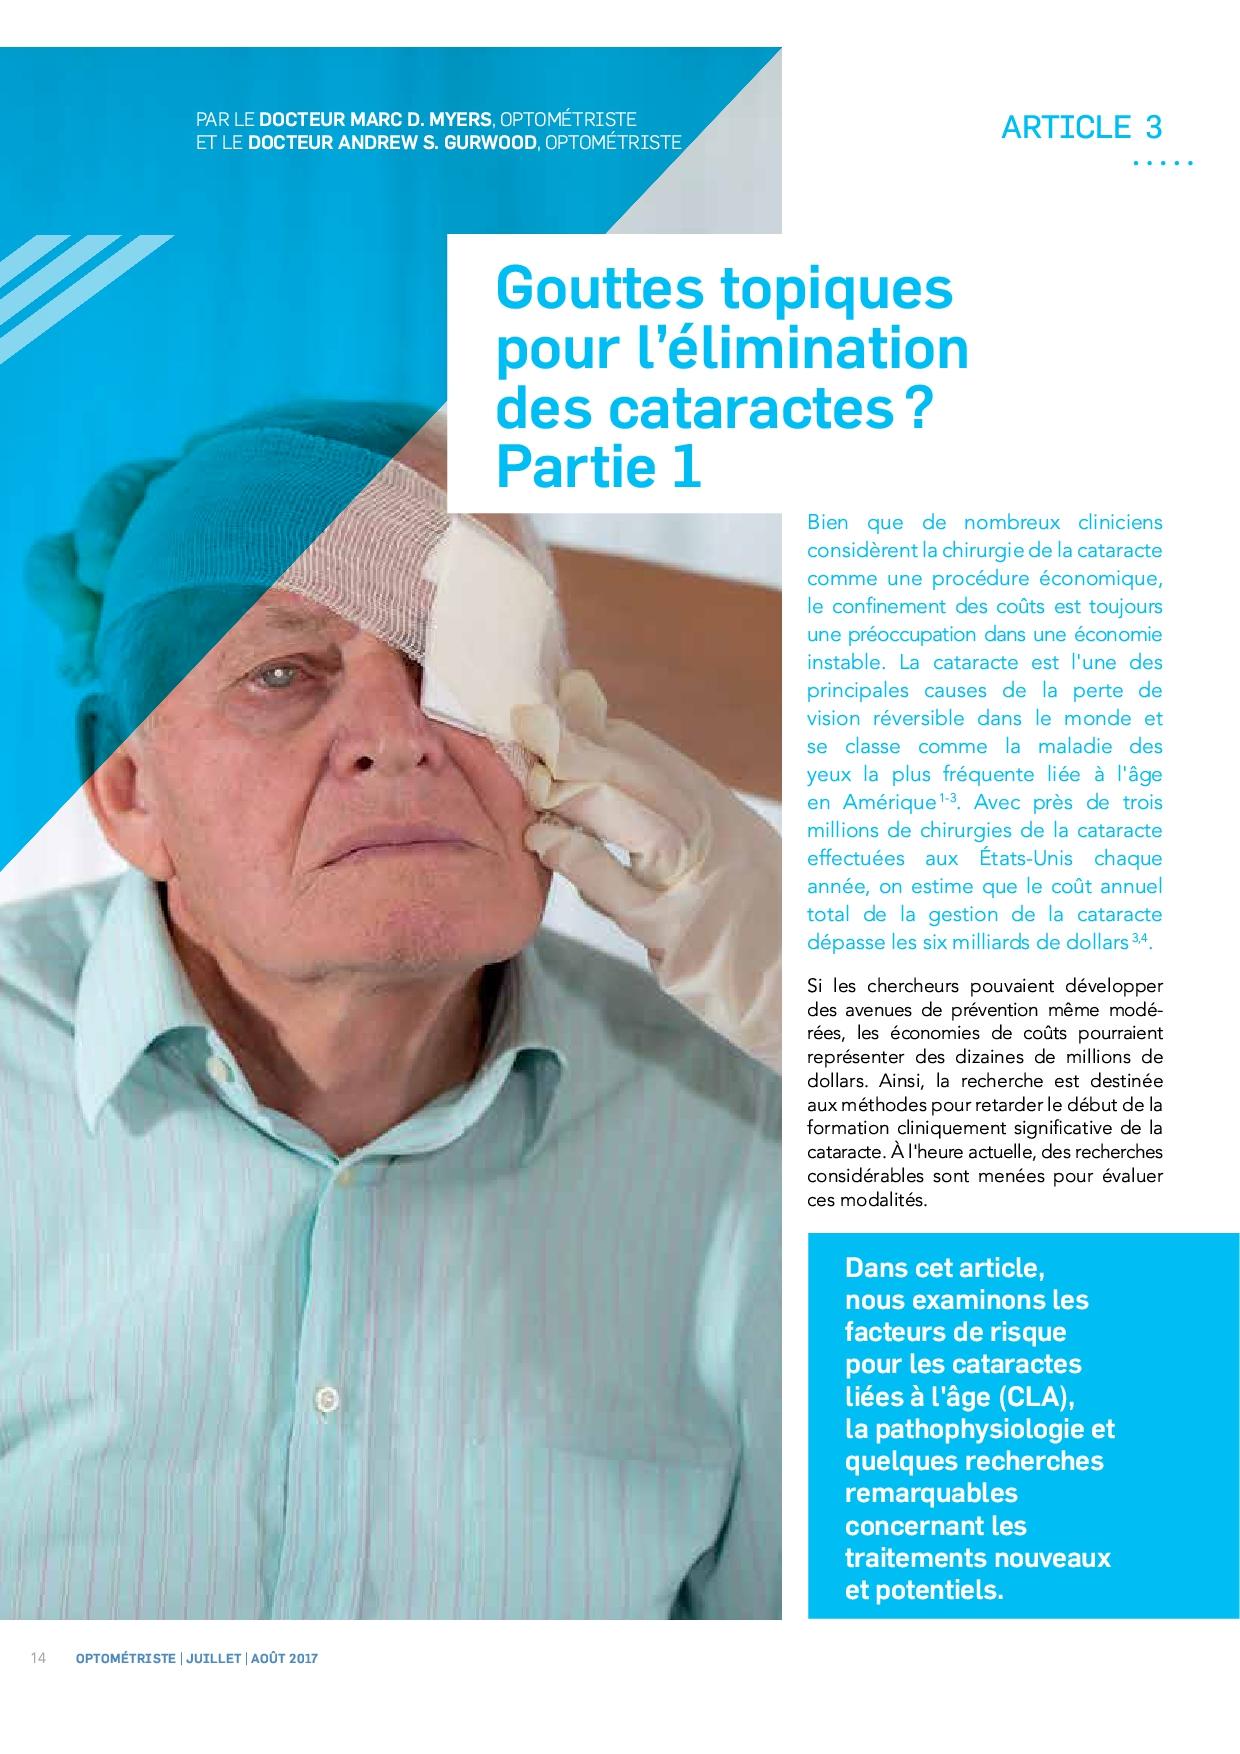 Des gouttes topiques pour l'élimination des cataractes ?